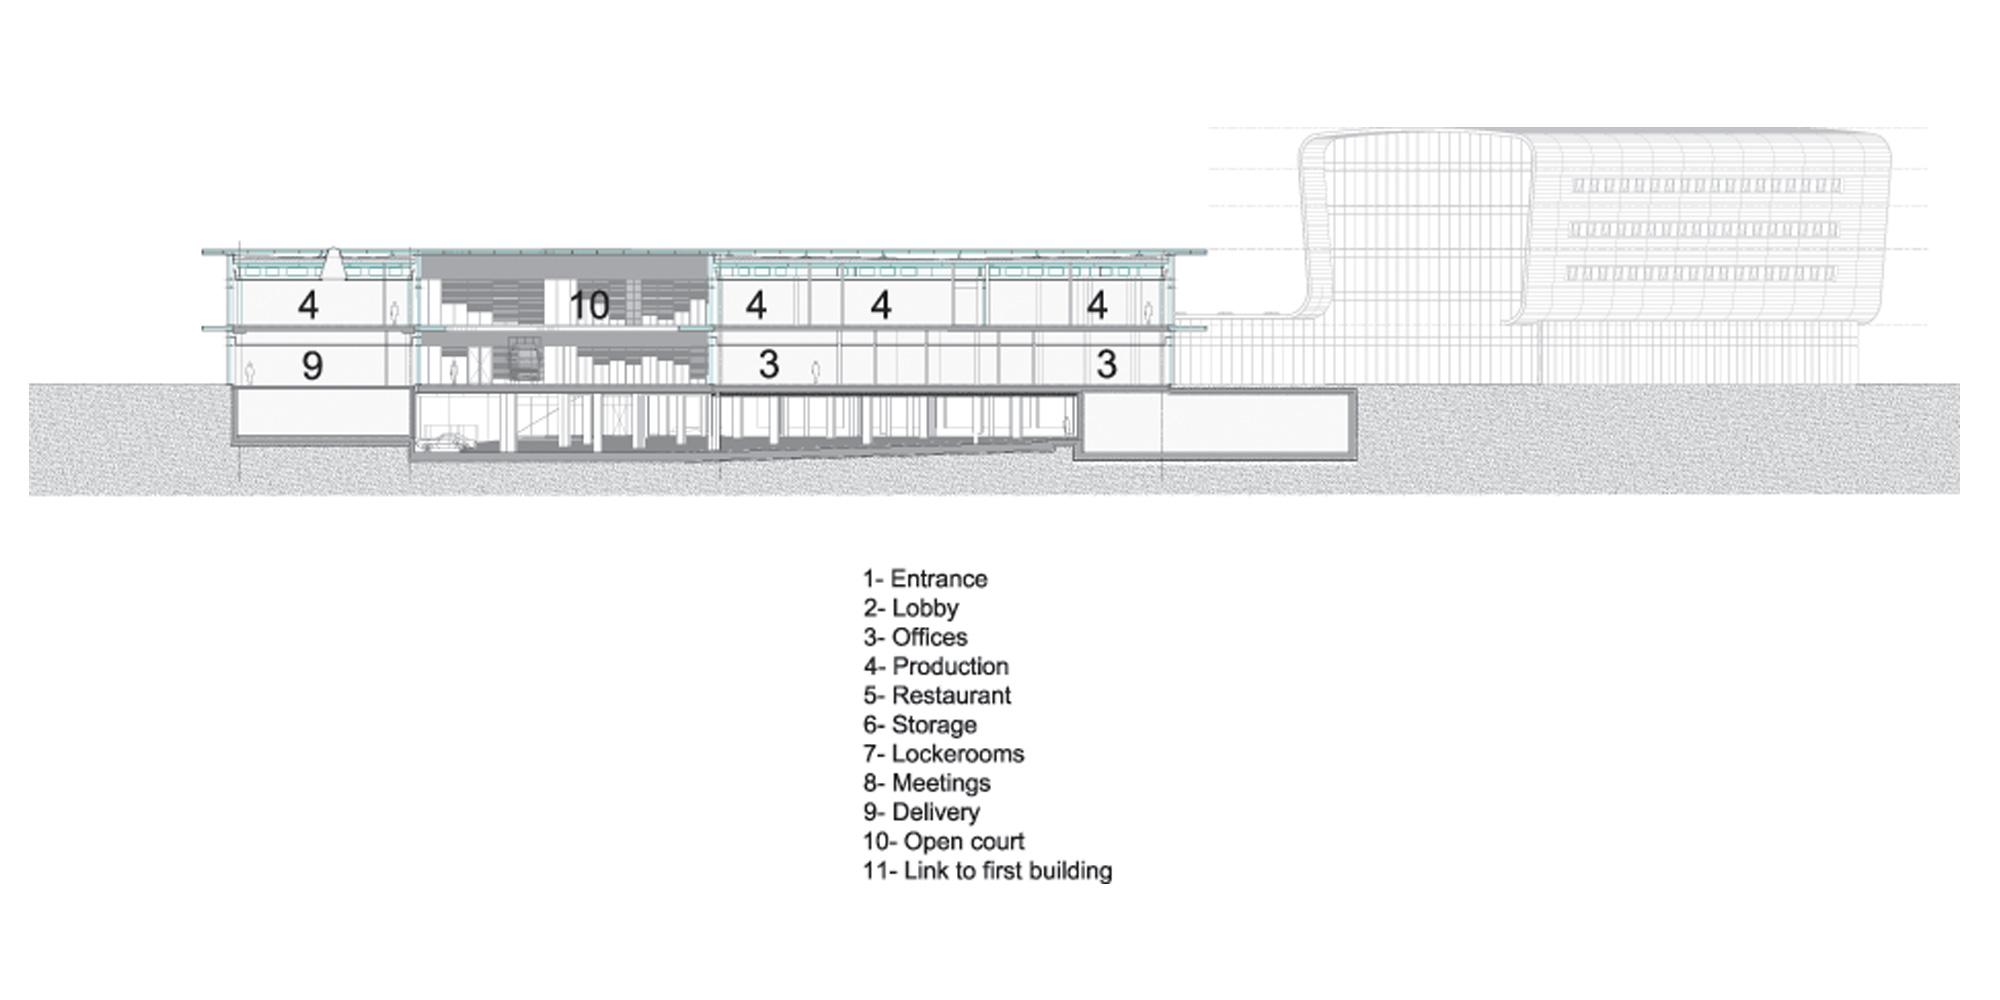 Sezione AA © Bernard Tschumi Architects